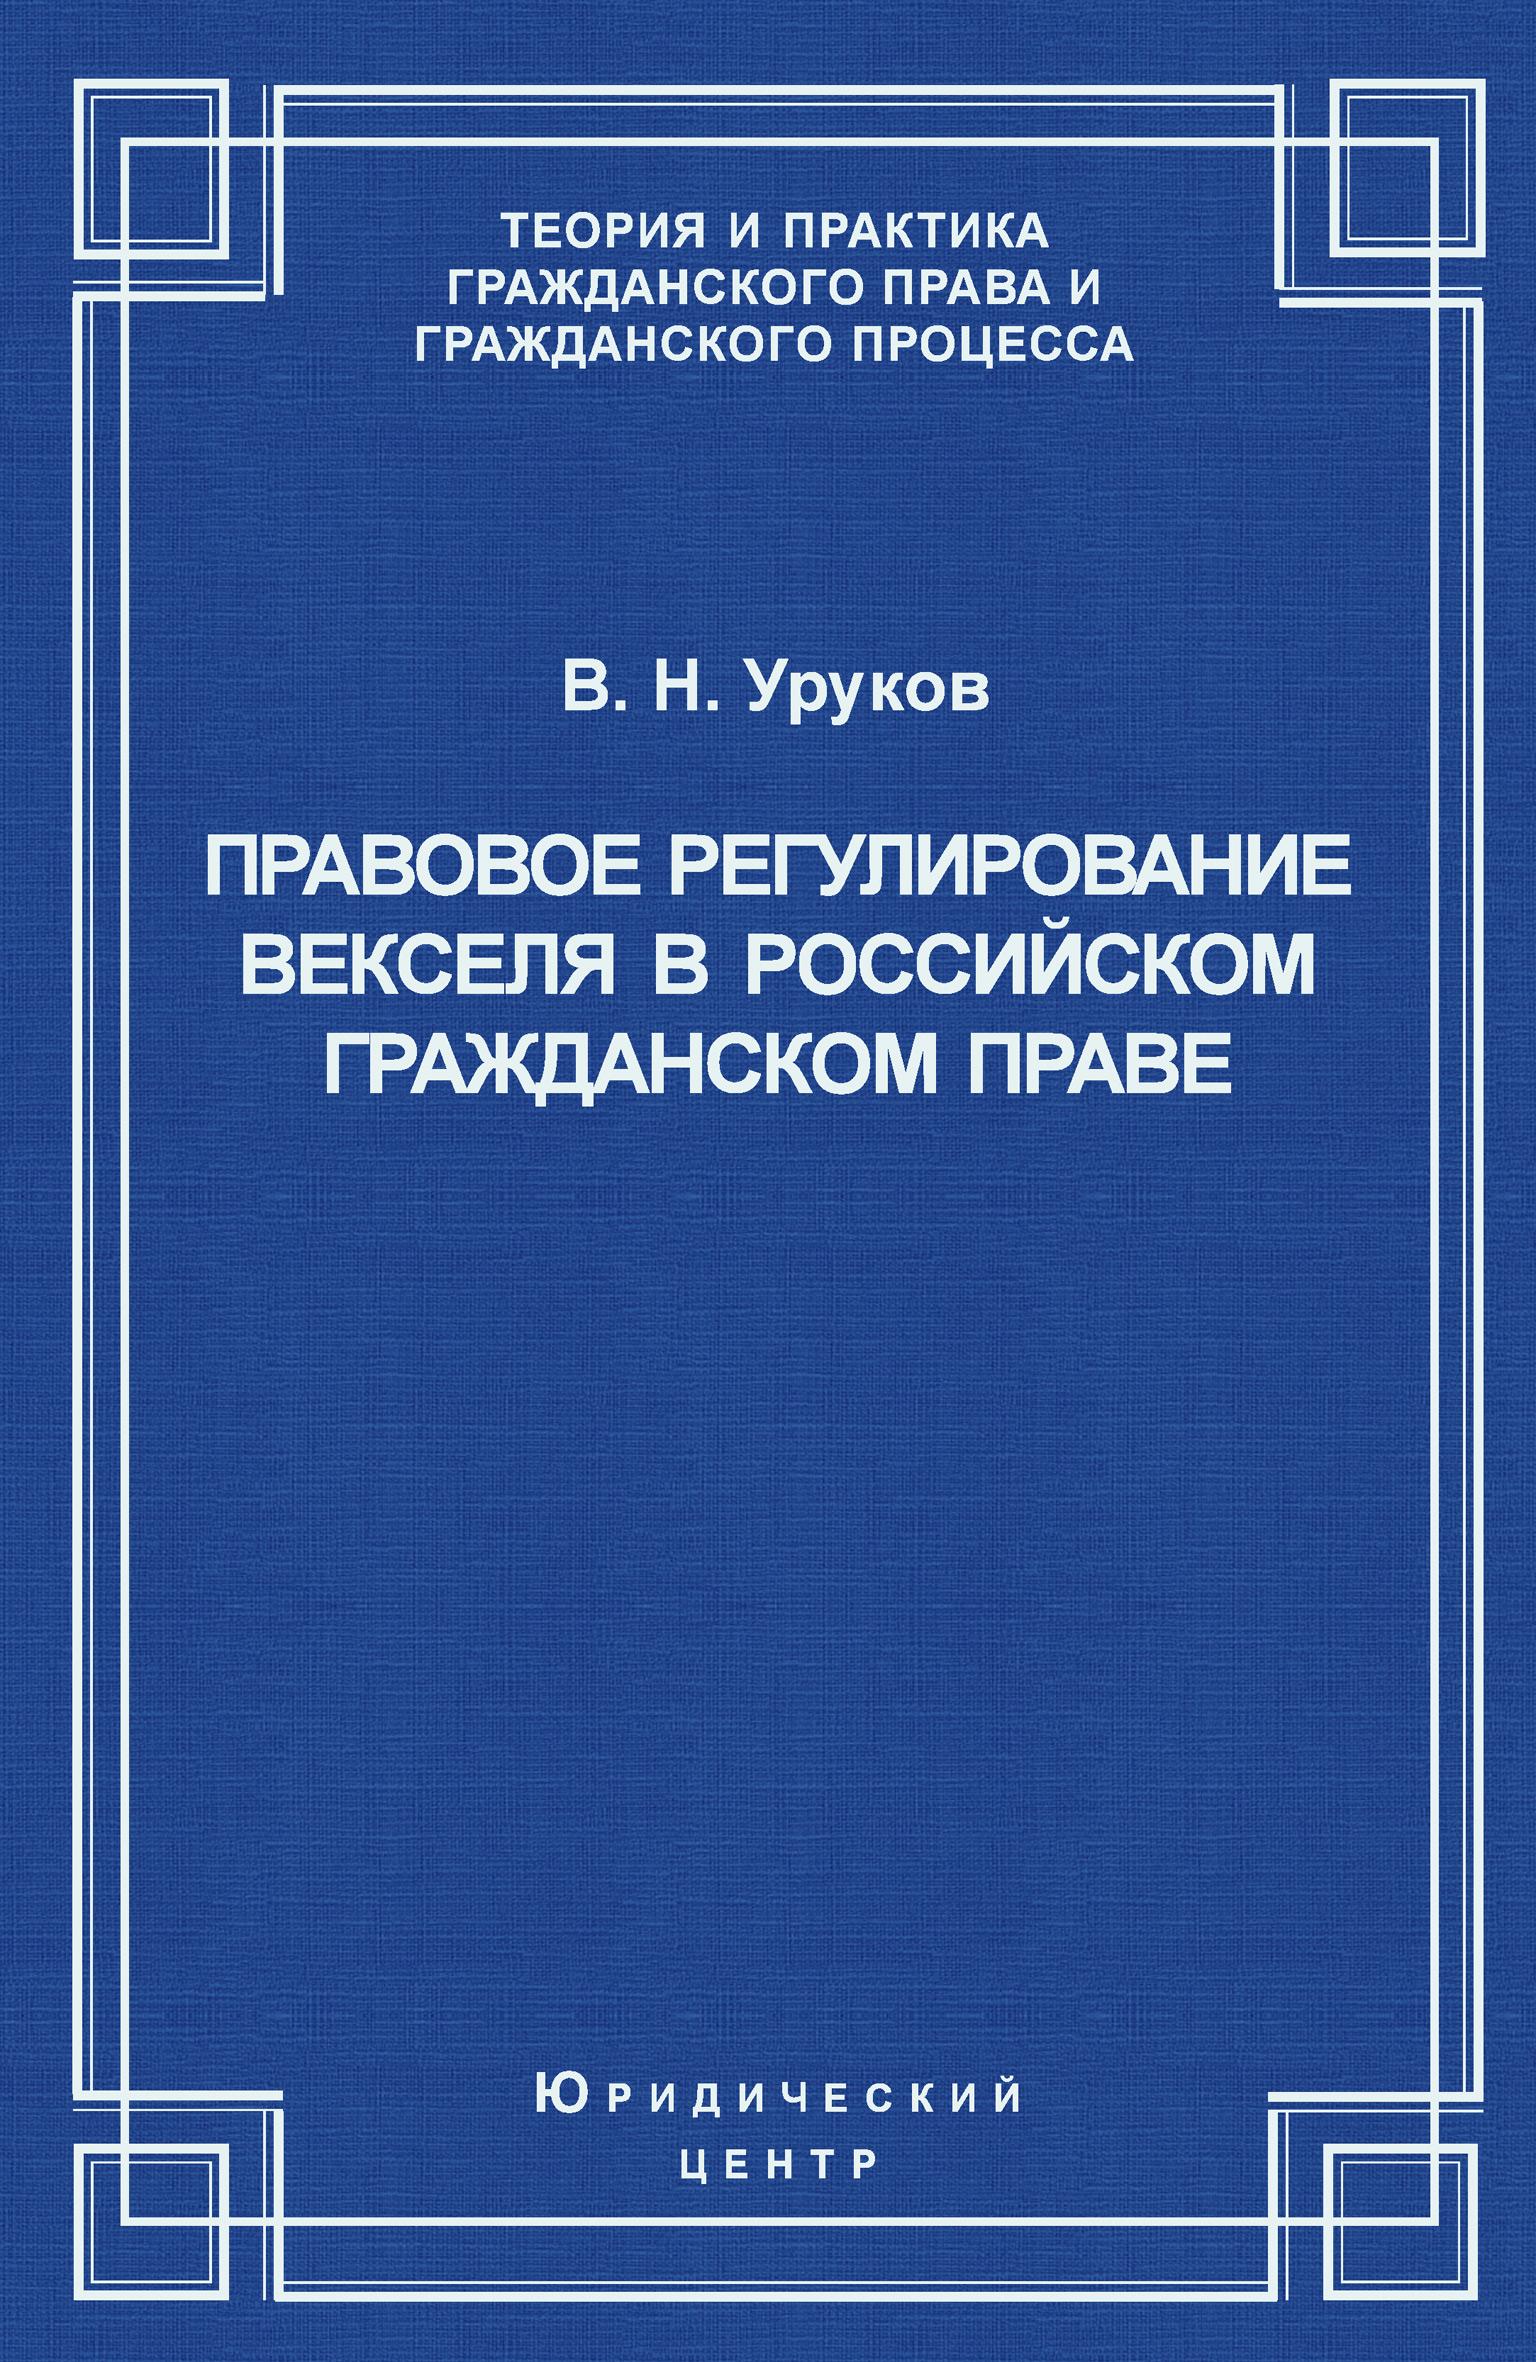 Обложка книги Правовое регулирование векселя в российском гражданском праве